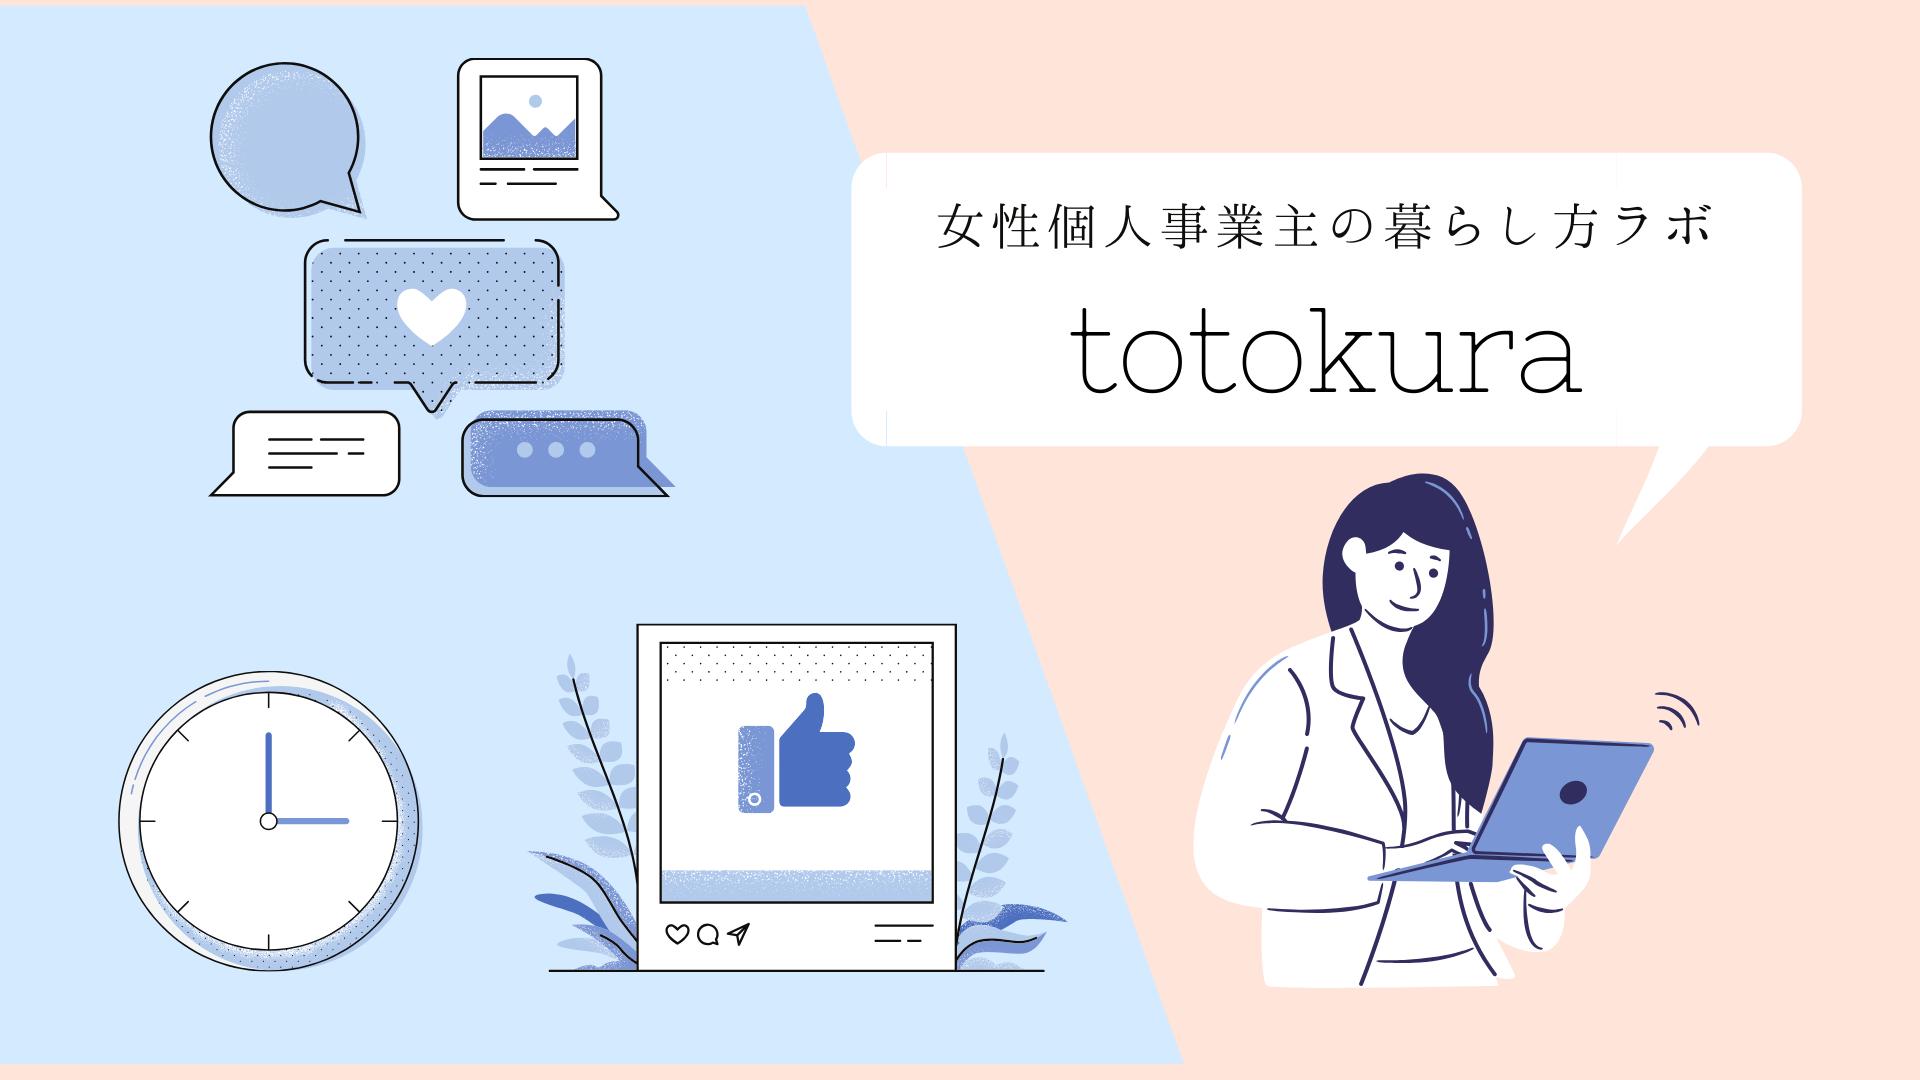 女性個人事業主の暮らし方ラボ totokura